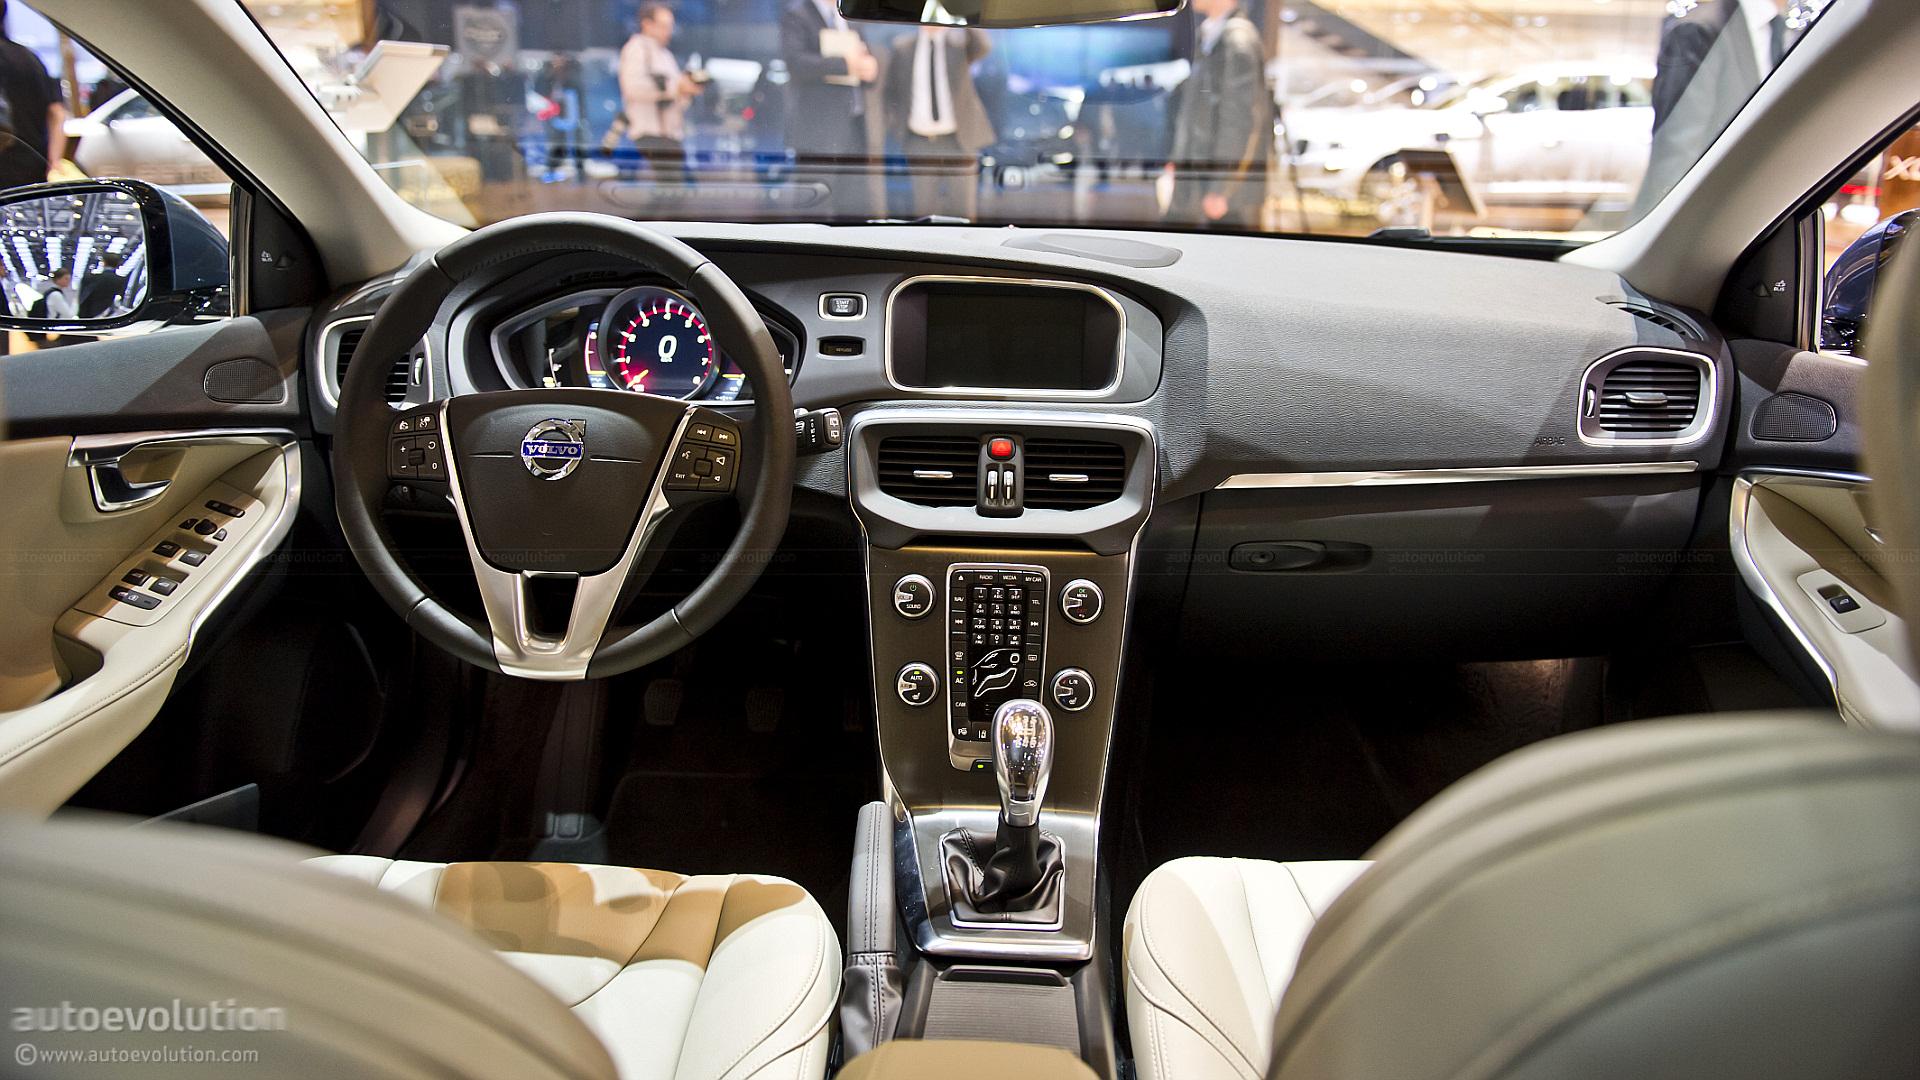 Http www autoevolution com news geneva 2012 volvo v40 live photos 43194 html